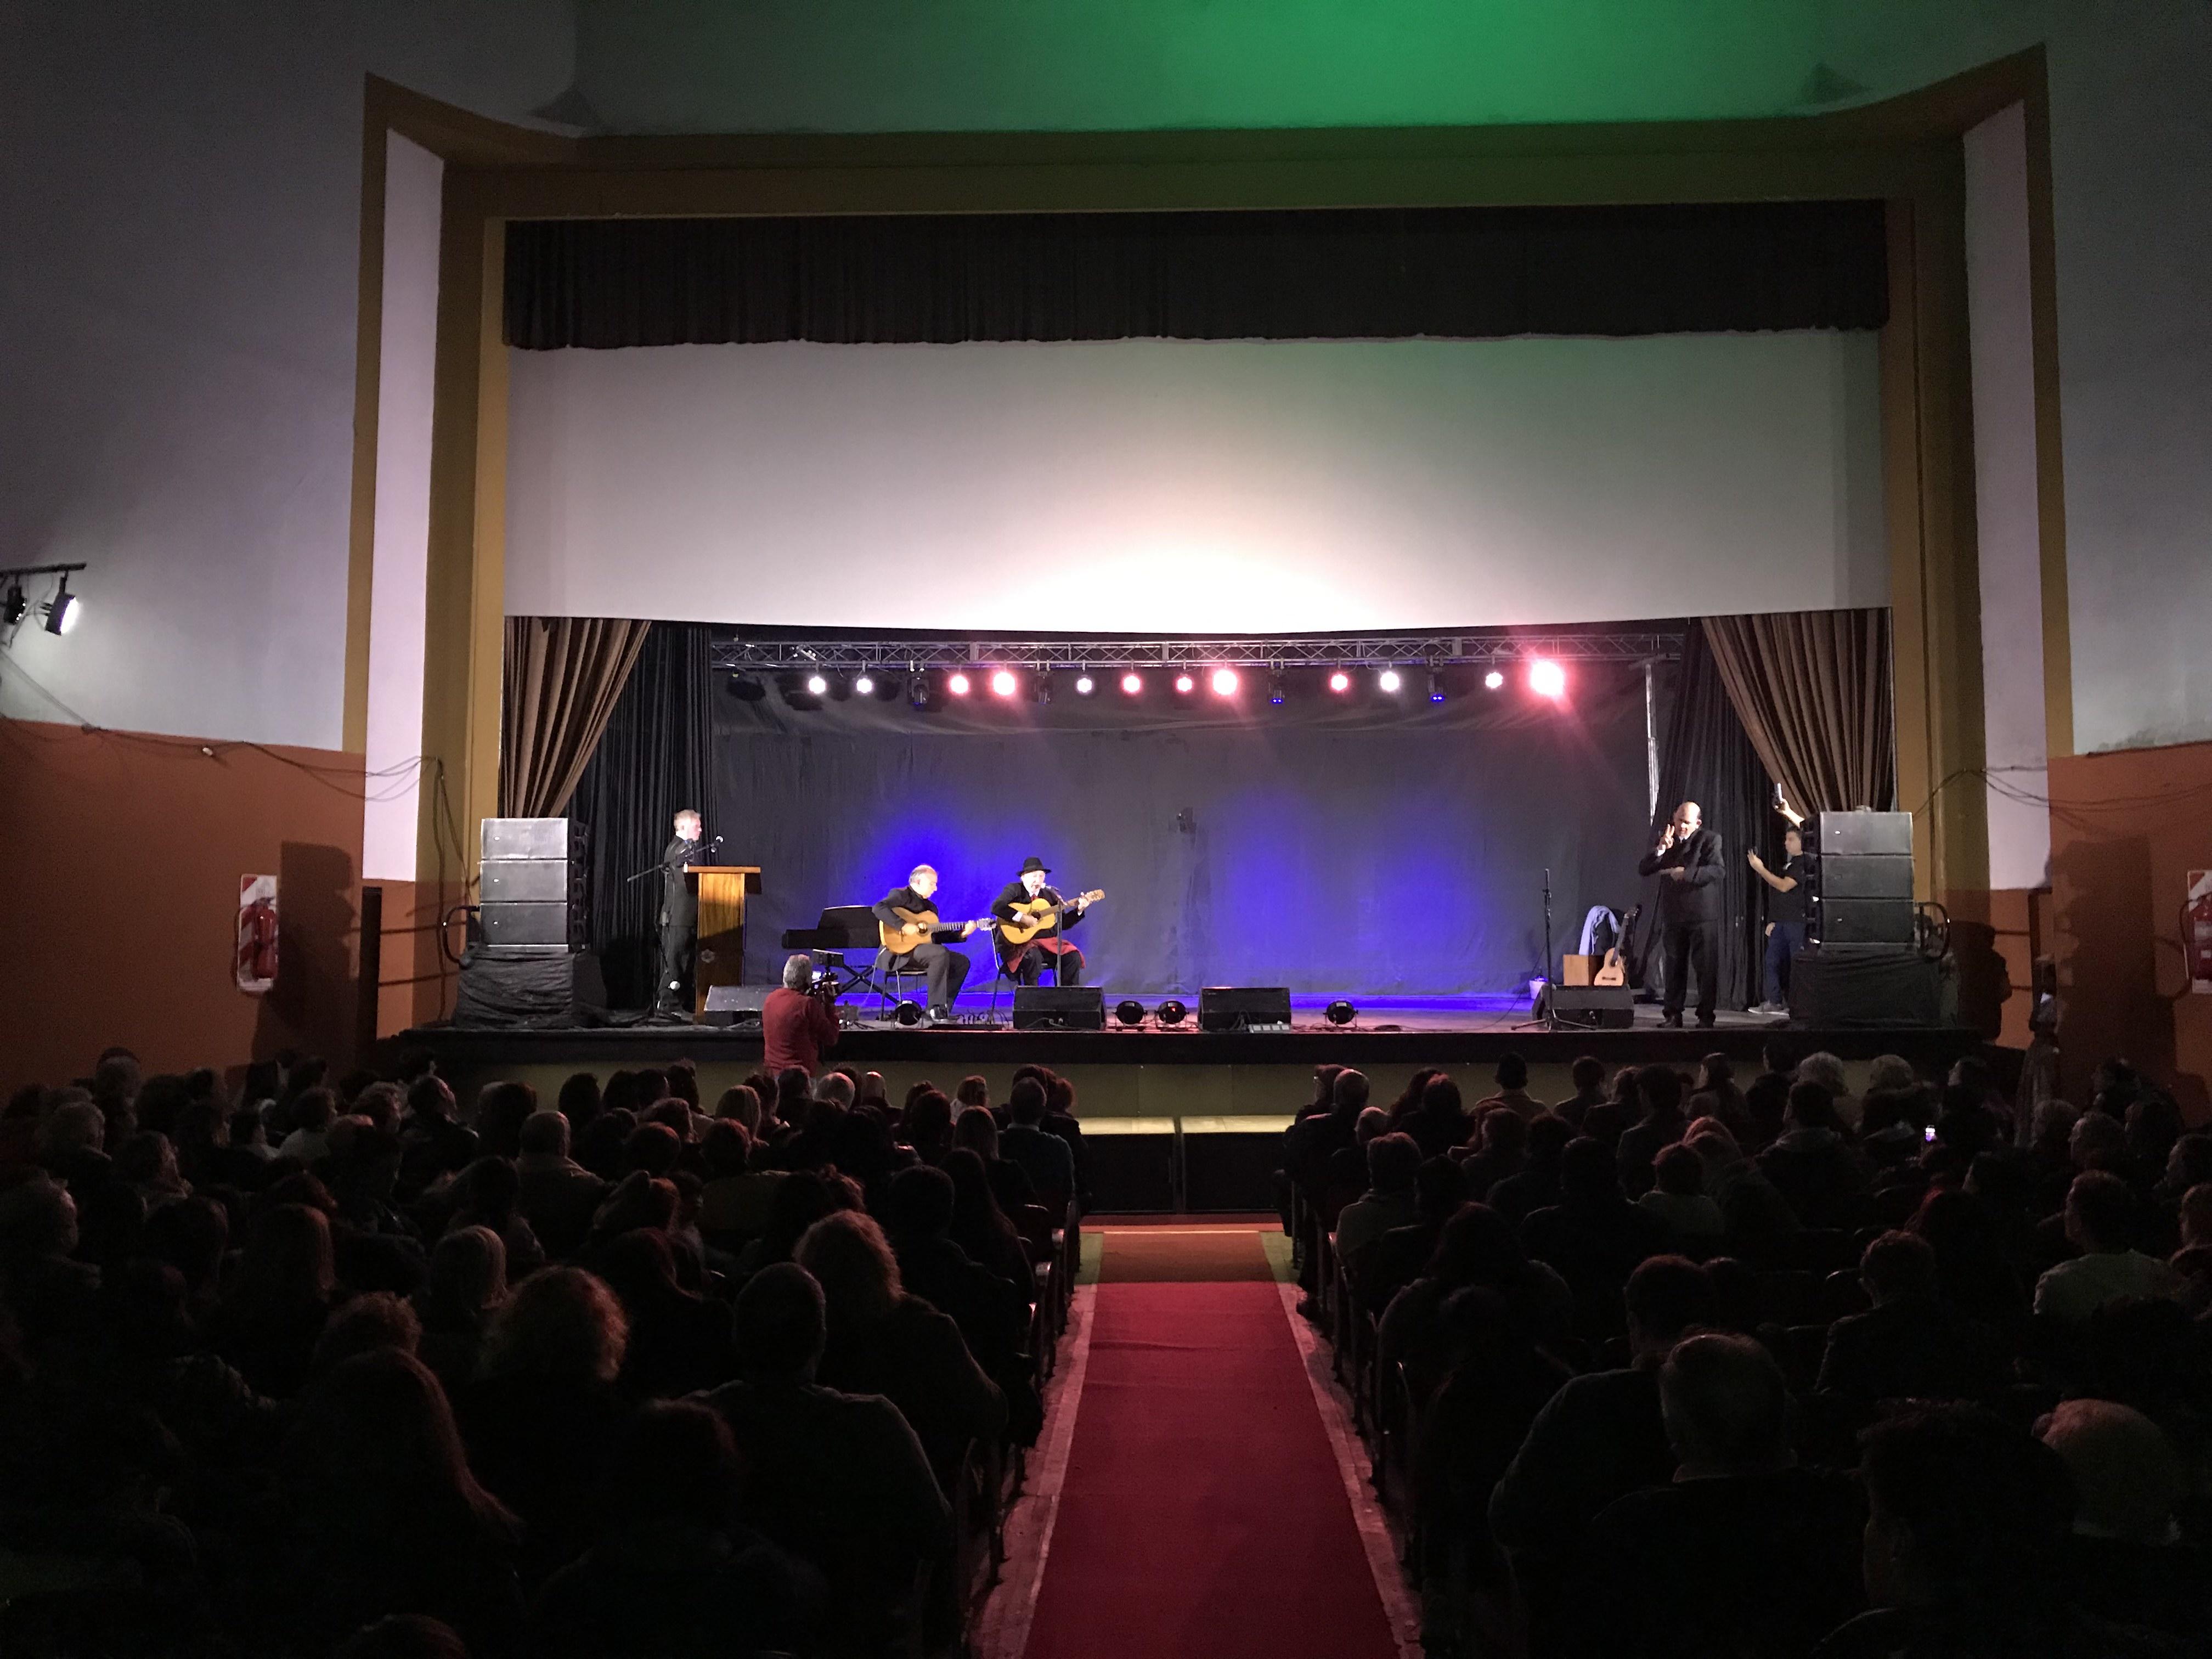 """Bajo el nombre de Teatro Municipal Cine Victoria, el gigante de Montevideo entre 12 y 13 abrió sus puertas. Durante la noche el sábado 3 de agosto se presentó """"Mi Berisso"""" en el impecable escenario y ante una sala colmada de gente."""